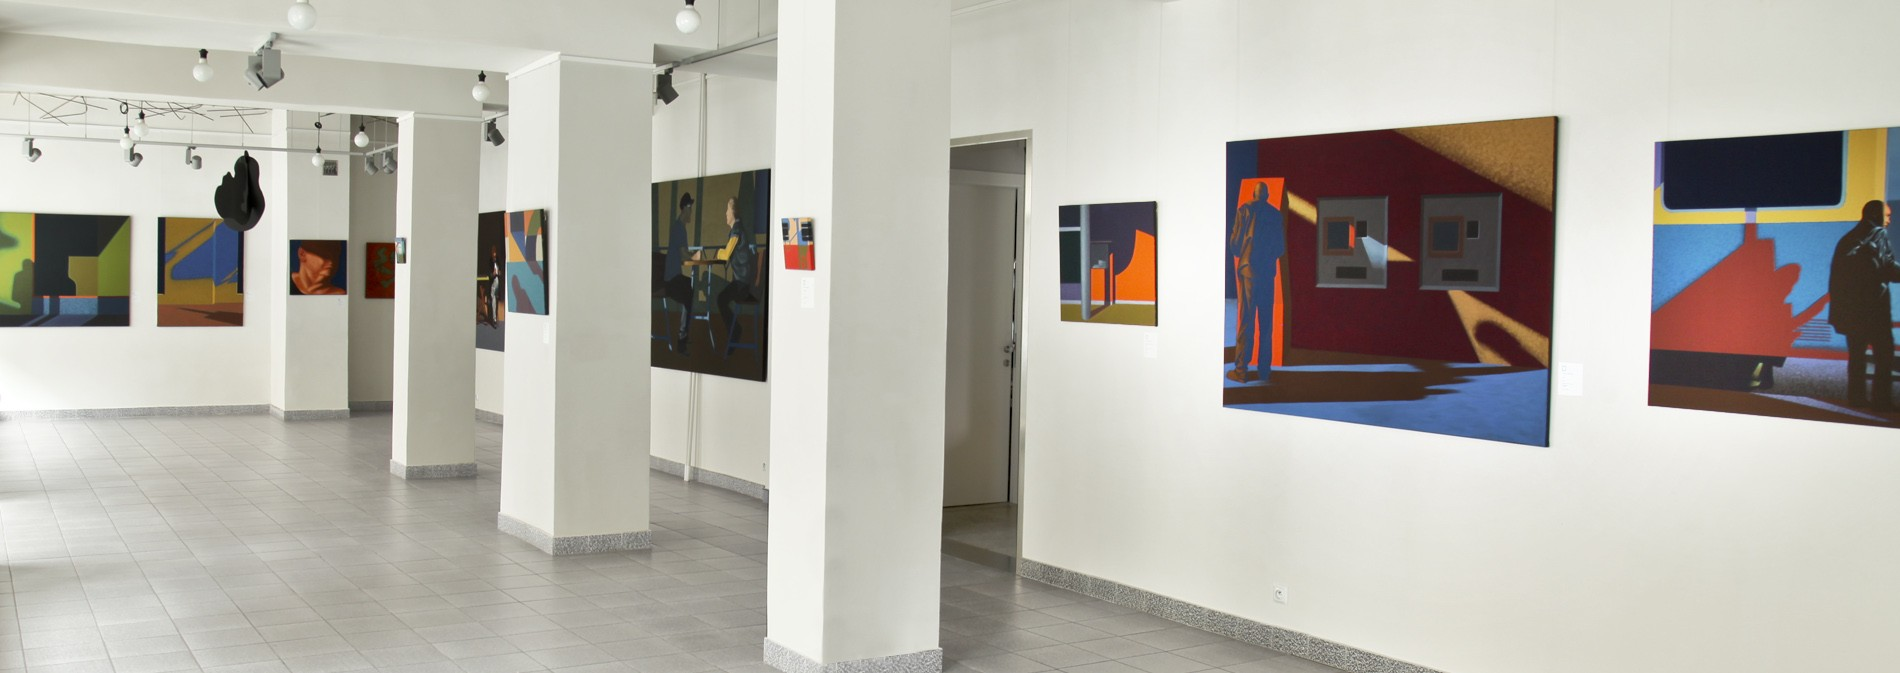 """Wystawa """"Stany przejściowe"""", obrazy Dariusza Milczarka na białej ścianie w Galerii Stalowa a Warszawie"""